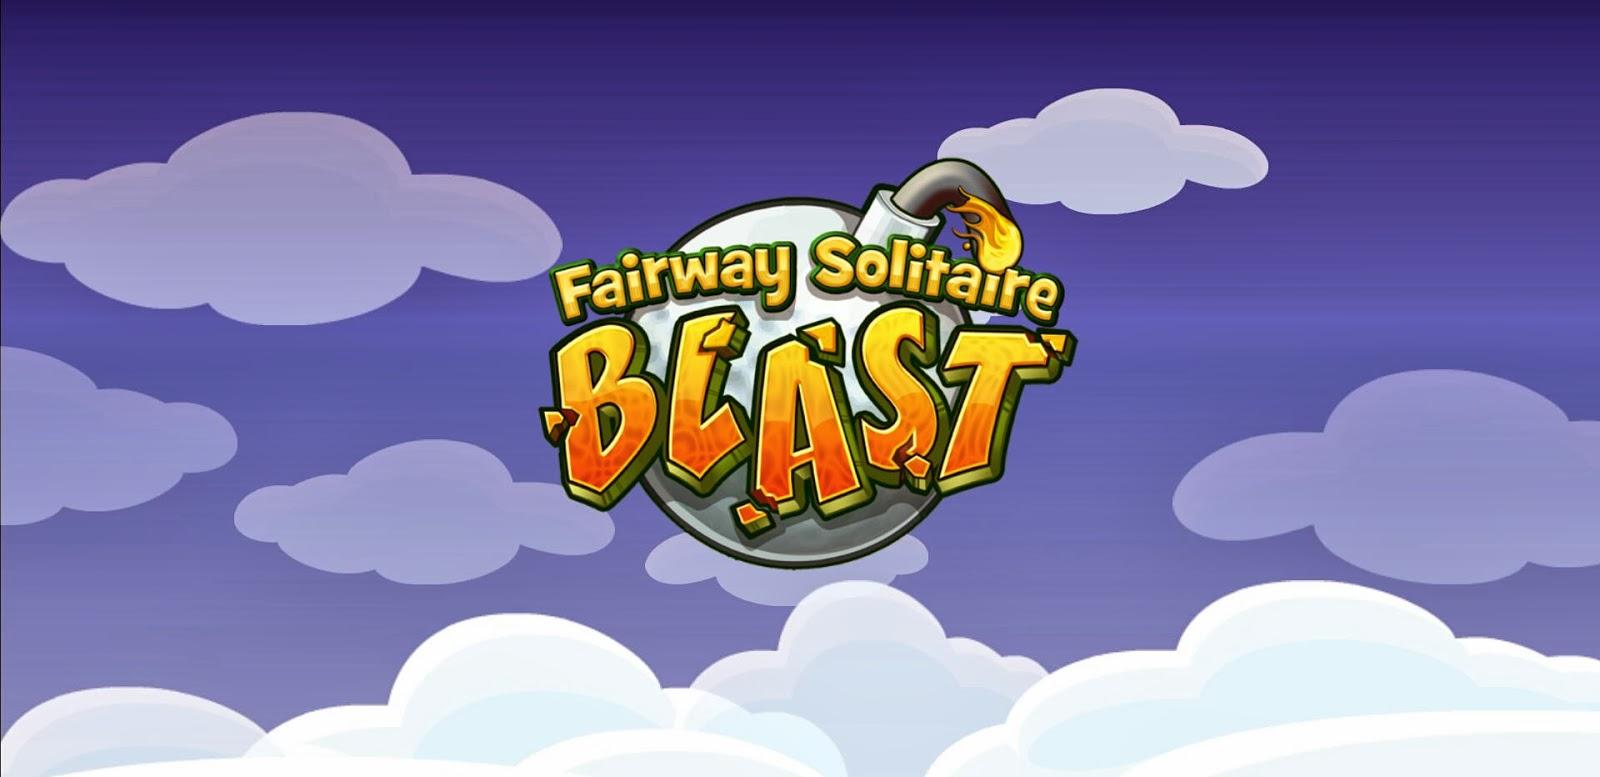 fairway solitaire update